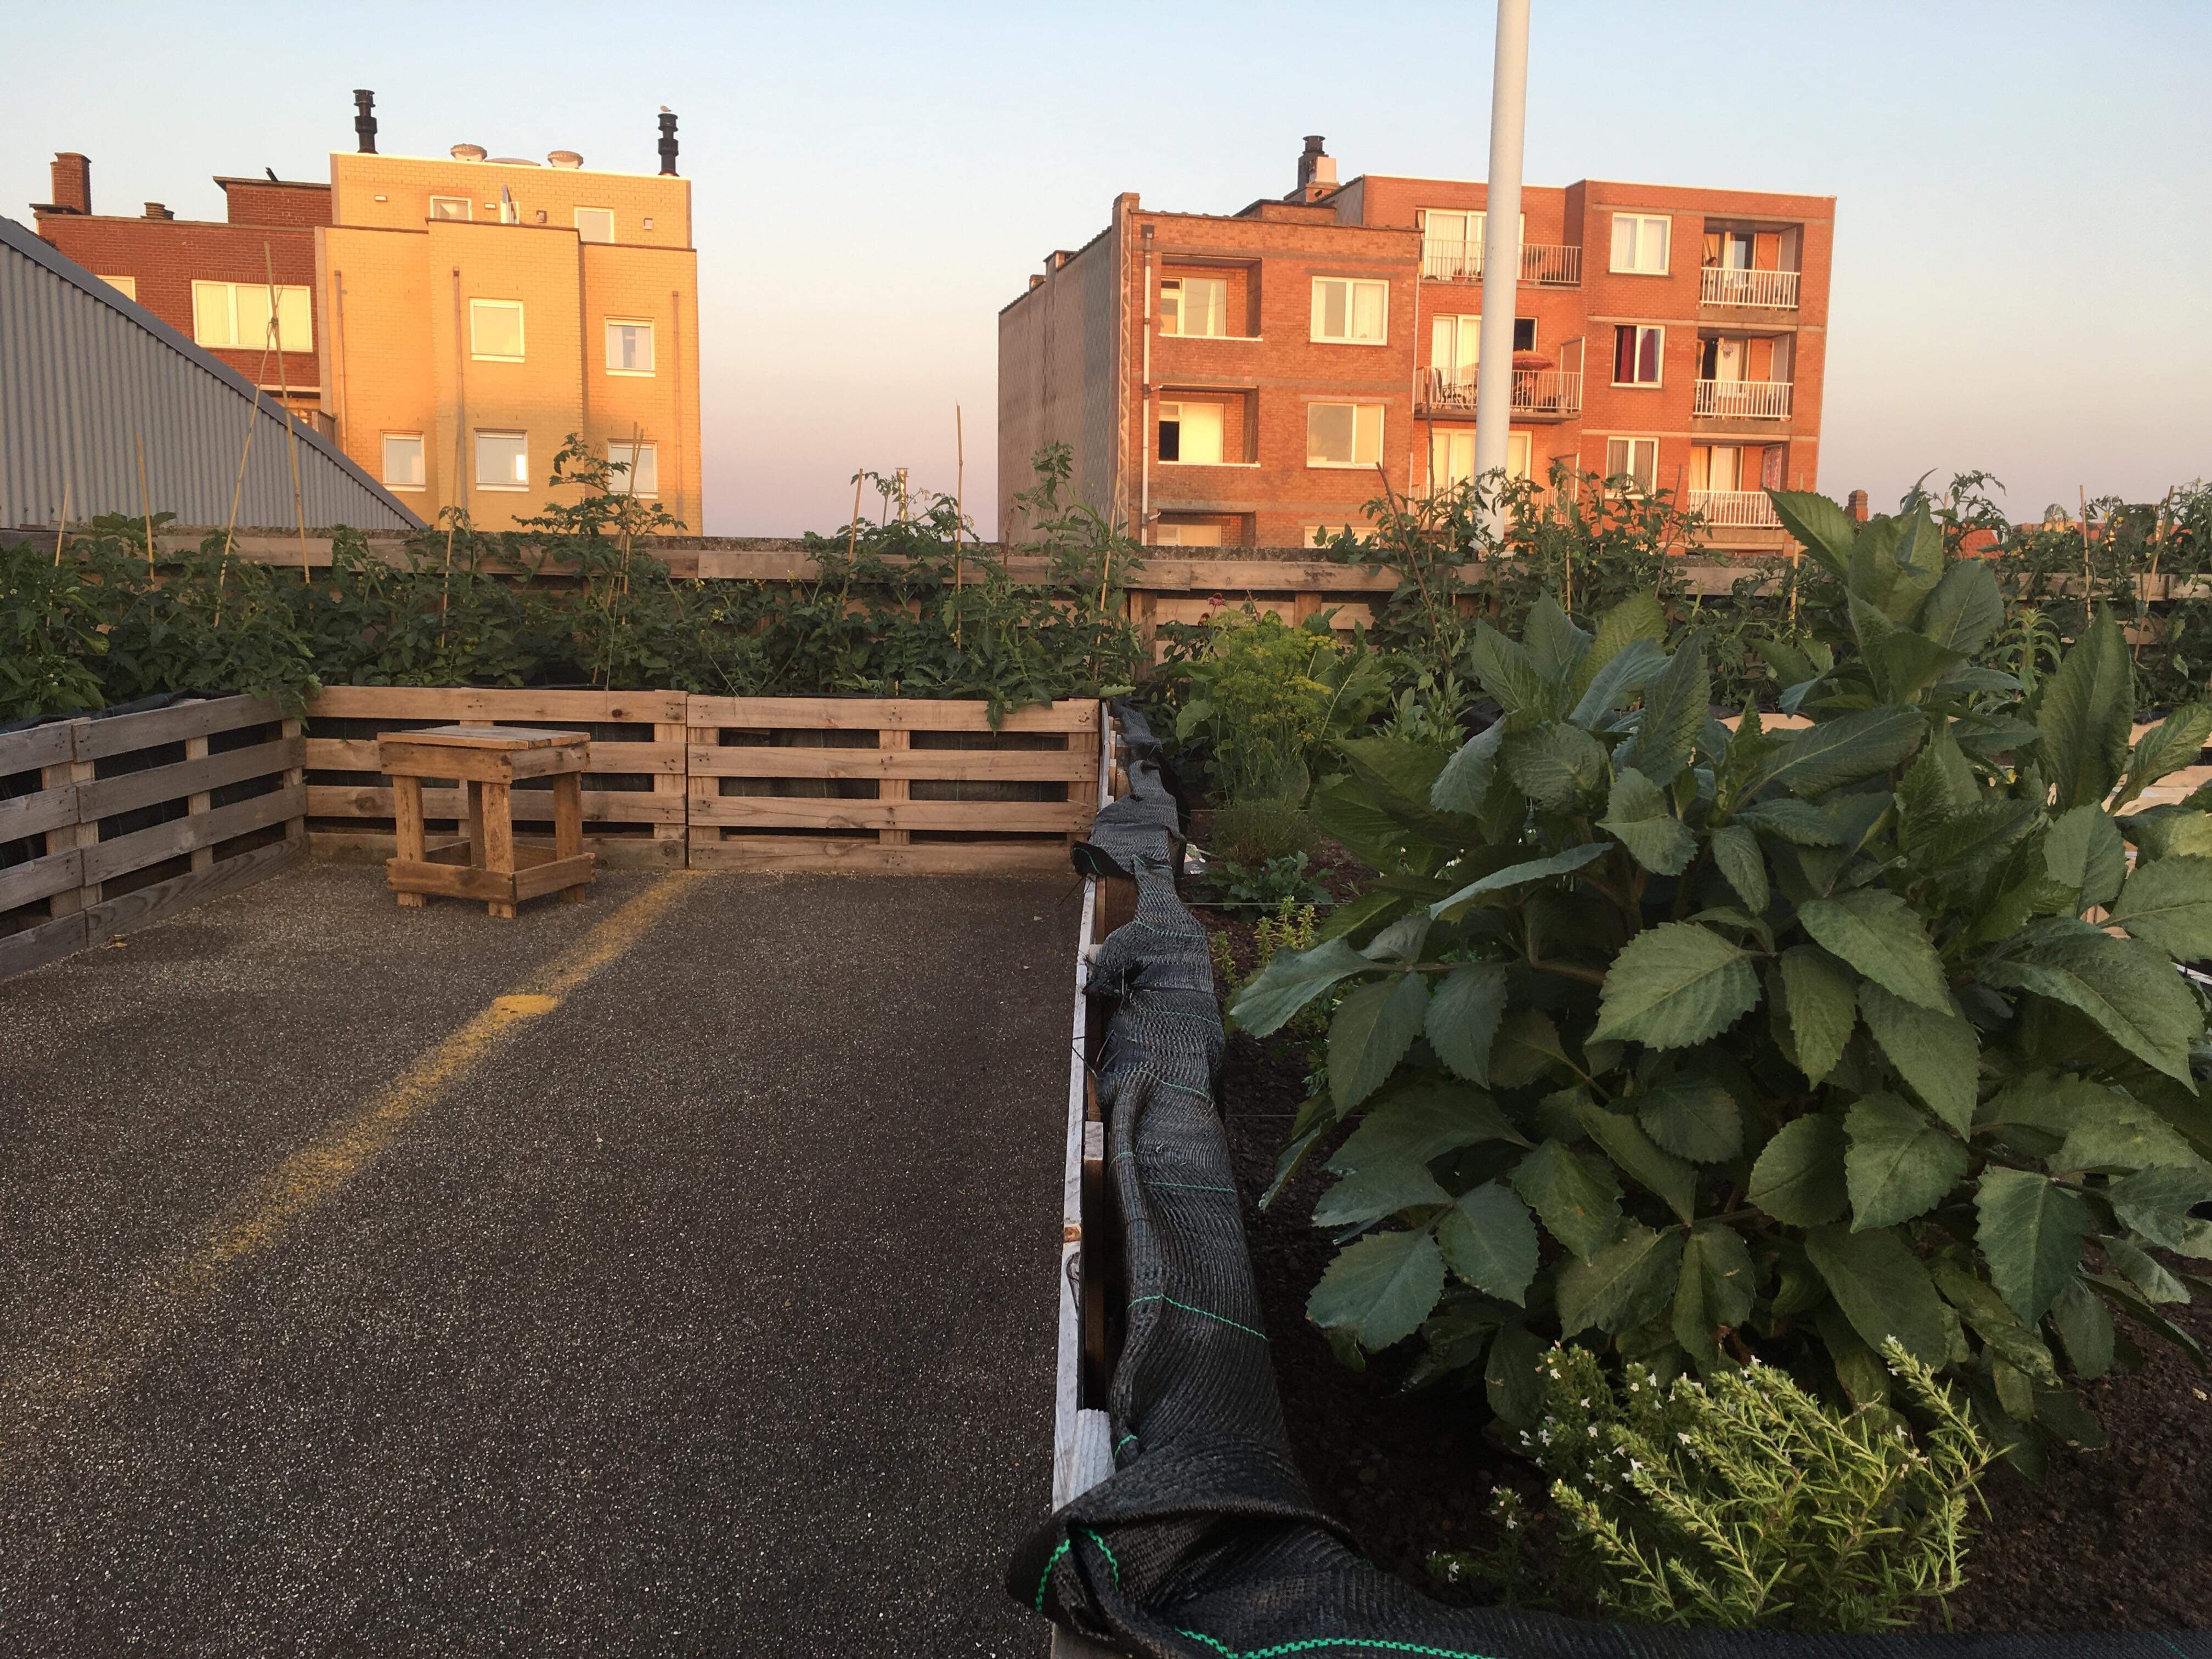 Torenoogst moestuinieren op een dak